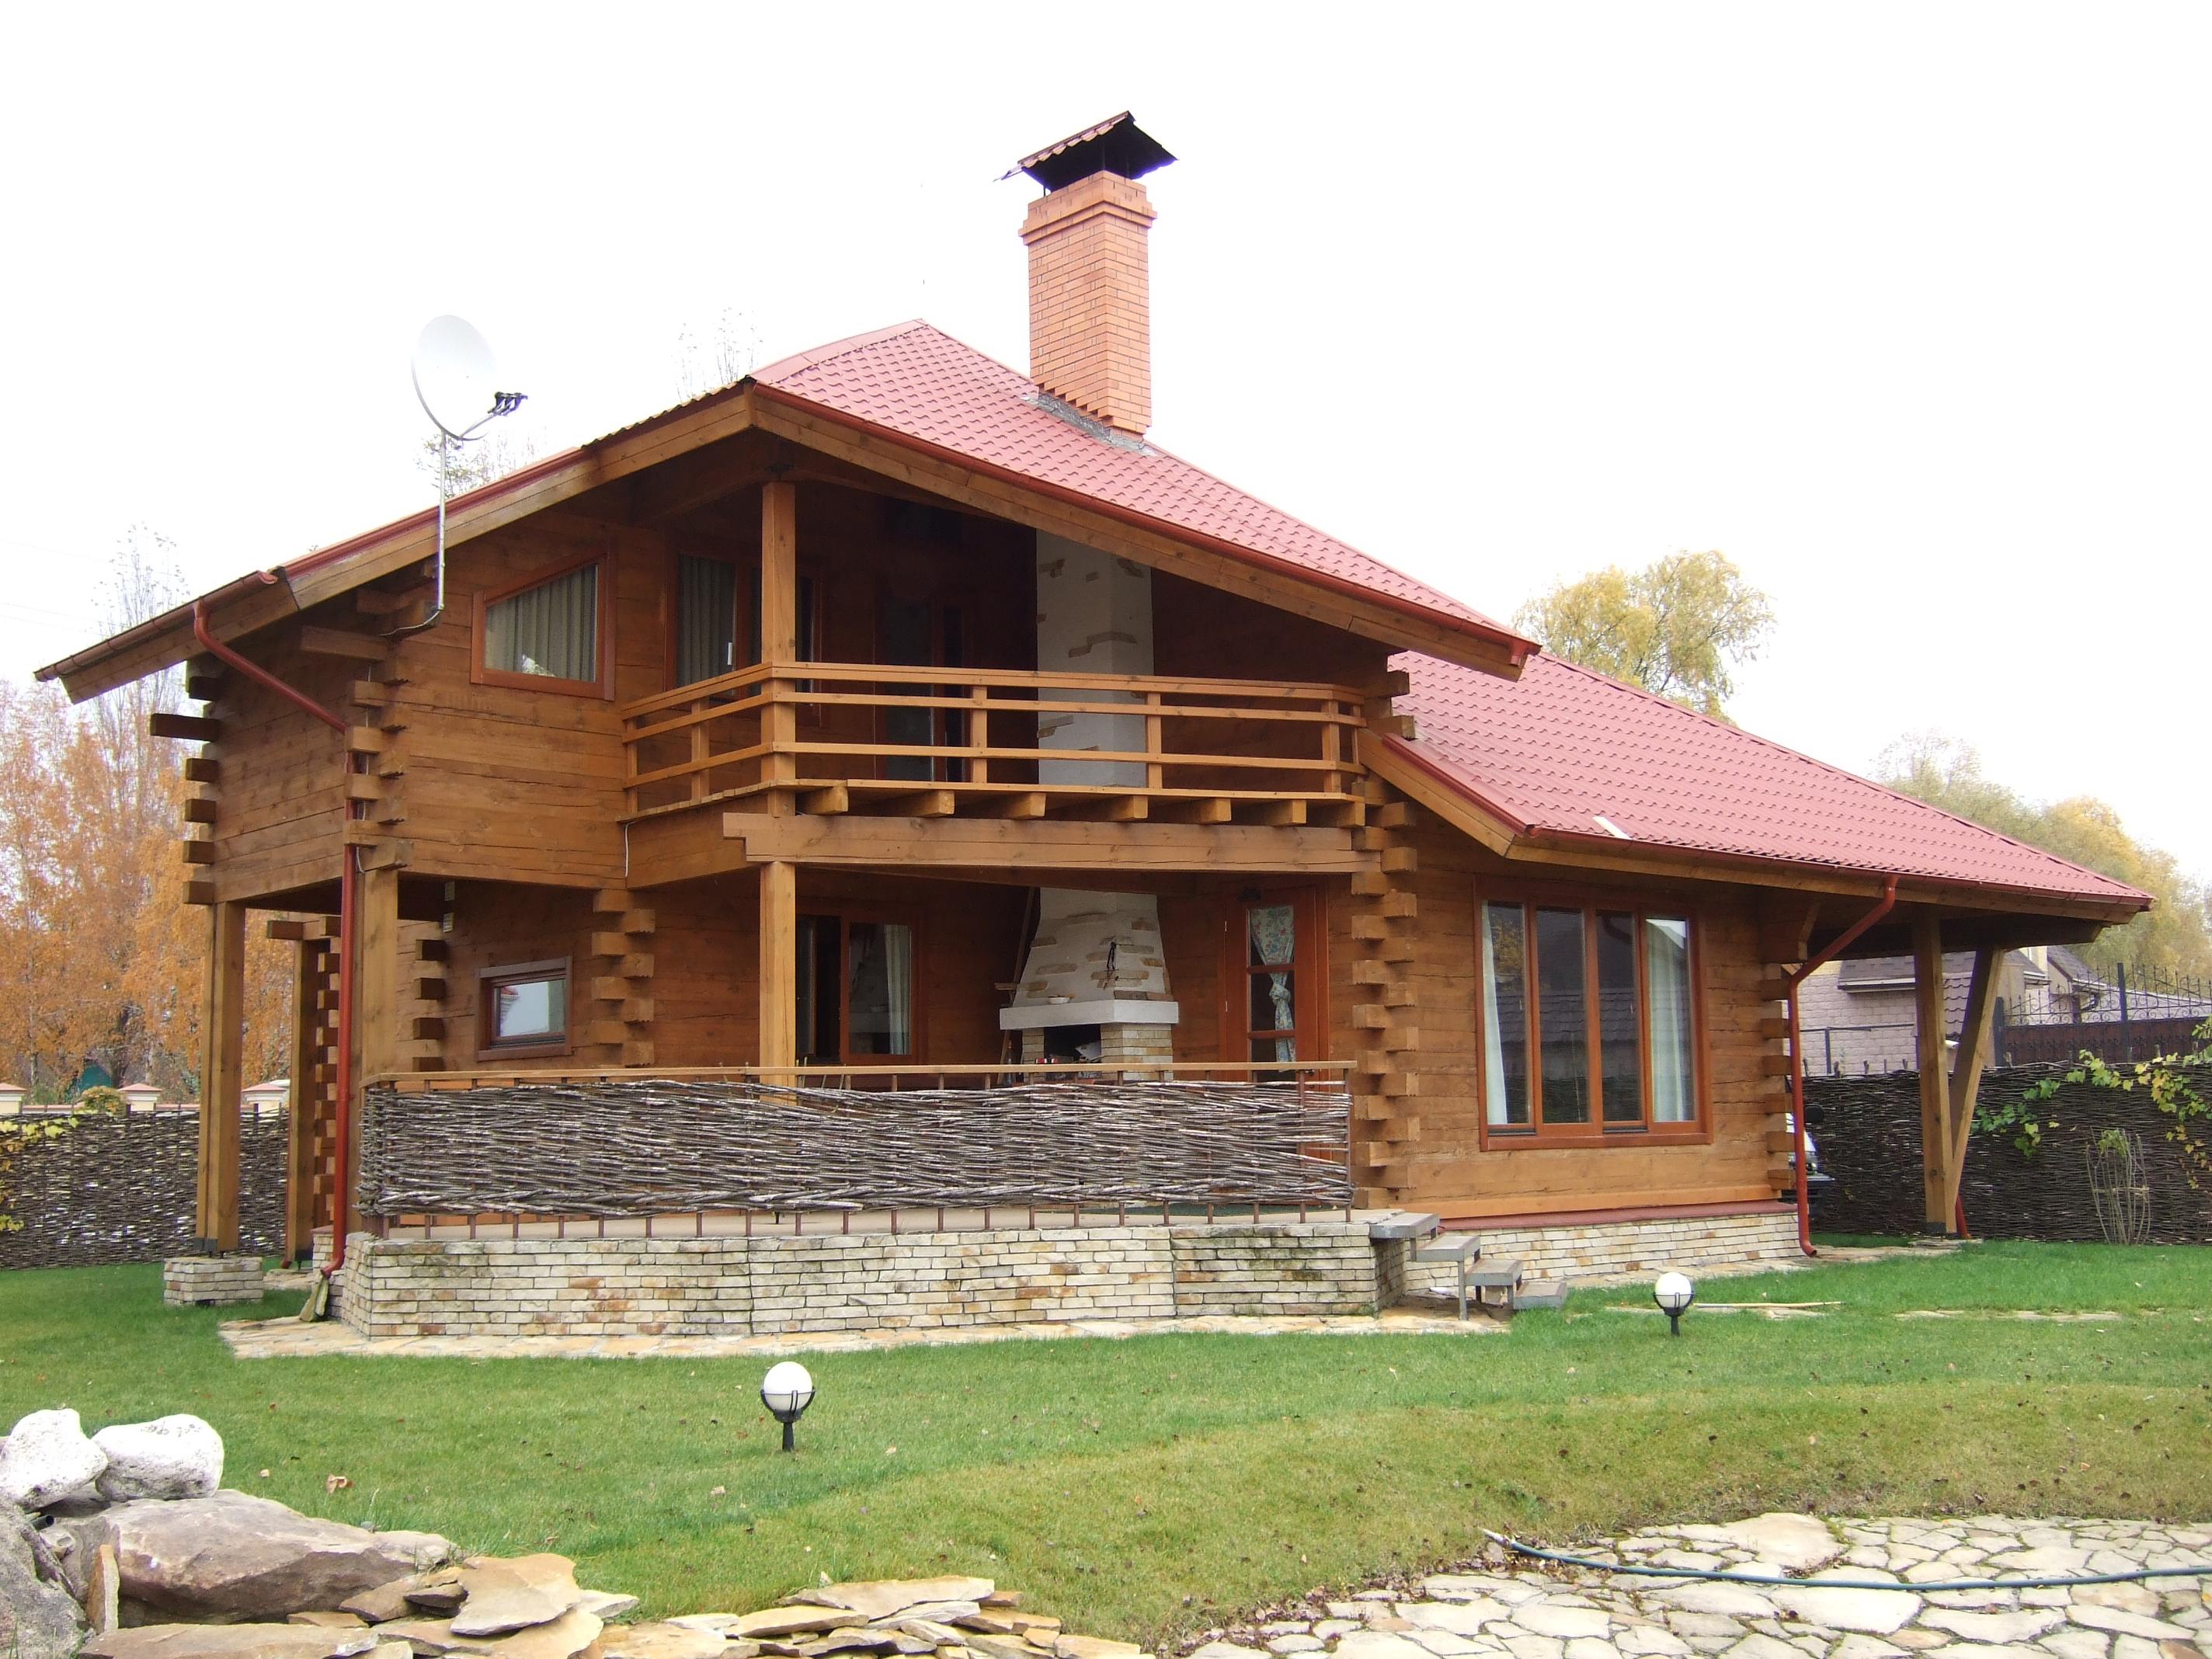 Строительство и проектирование деревянных домов предлагаю в .